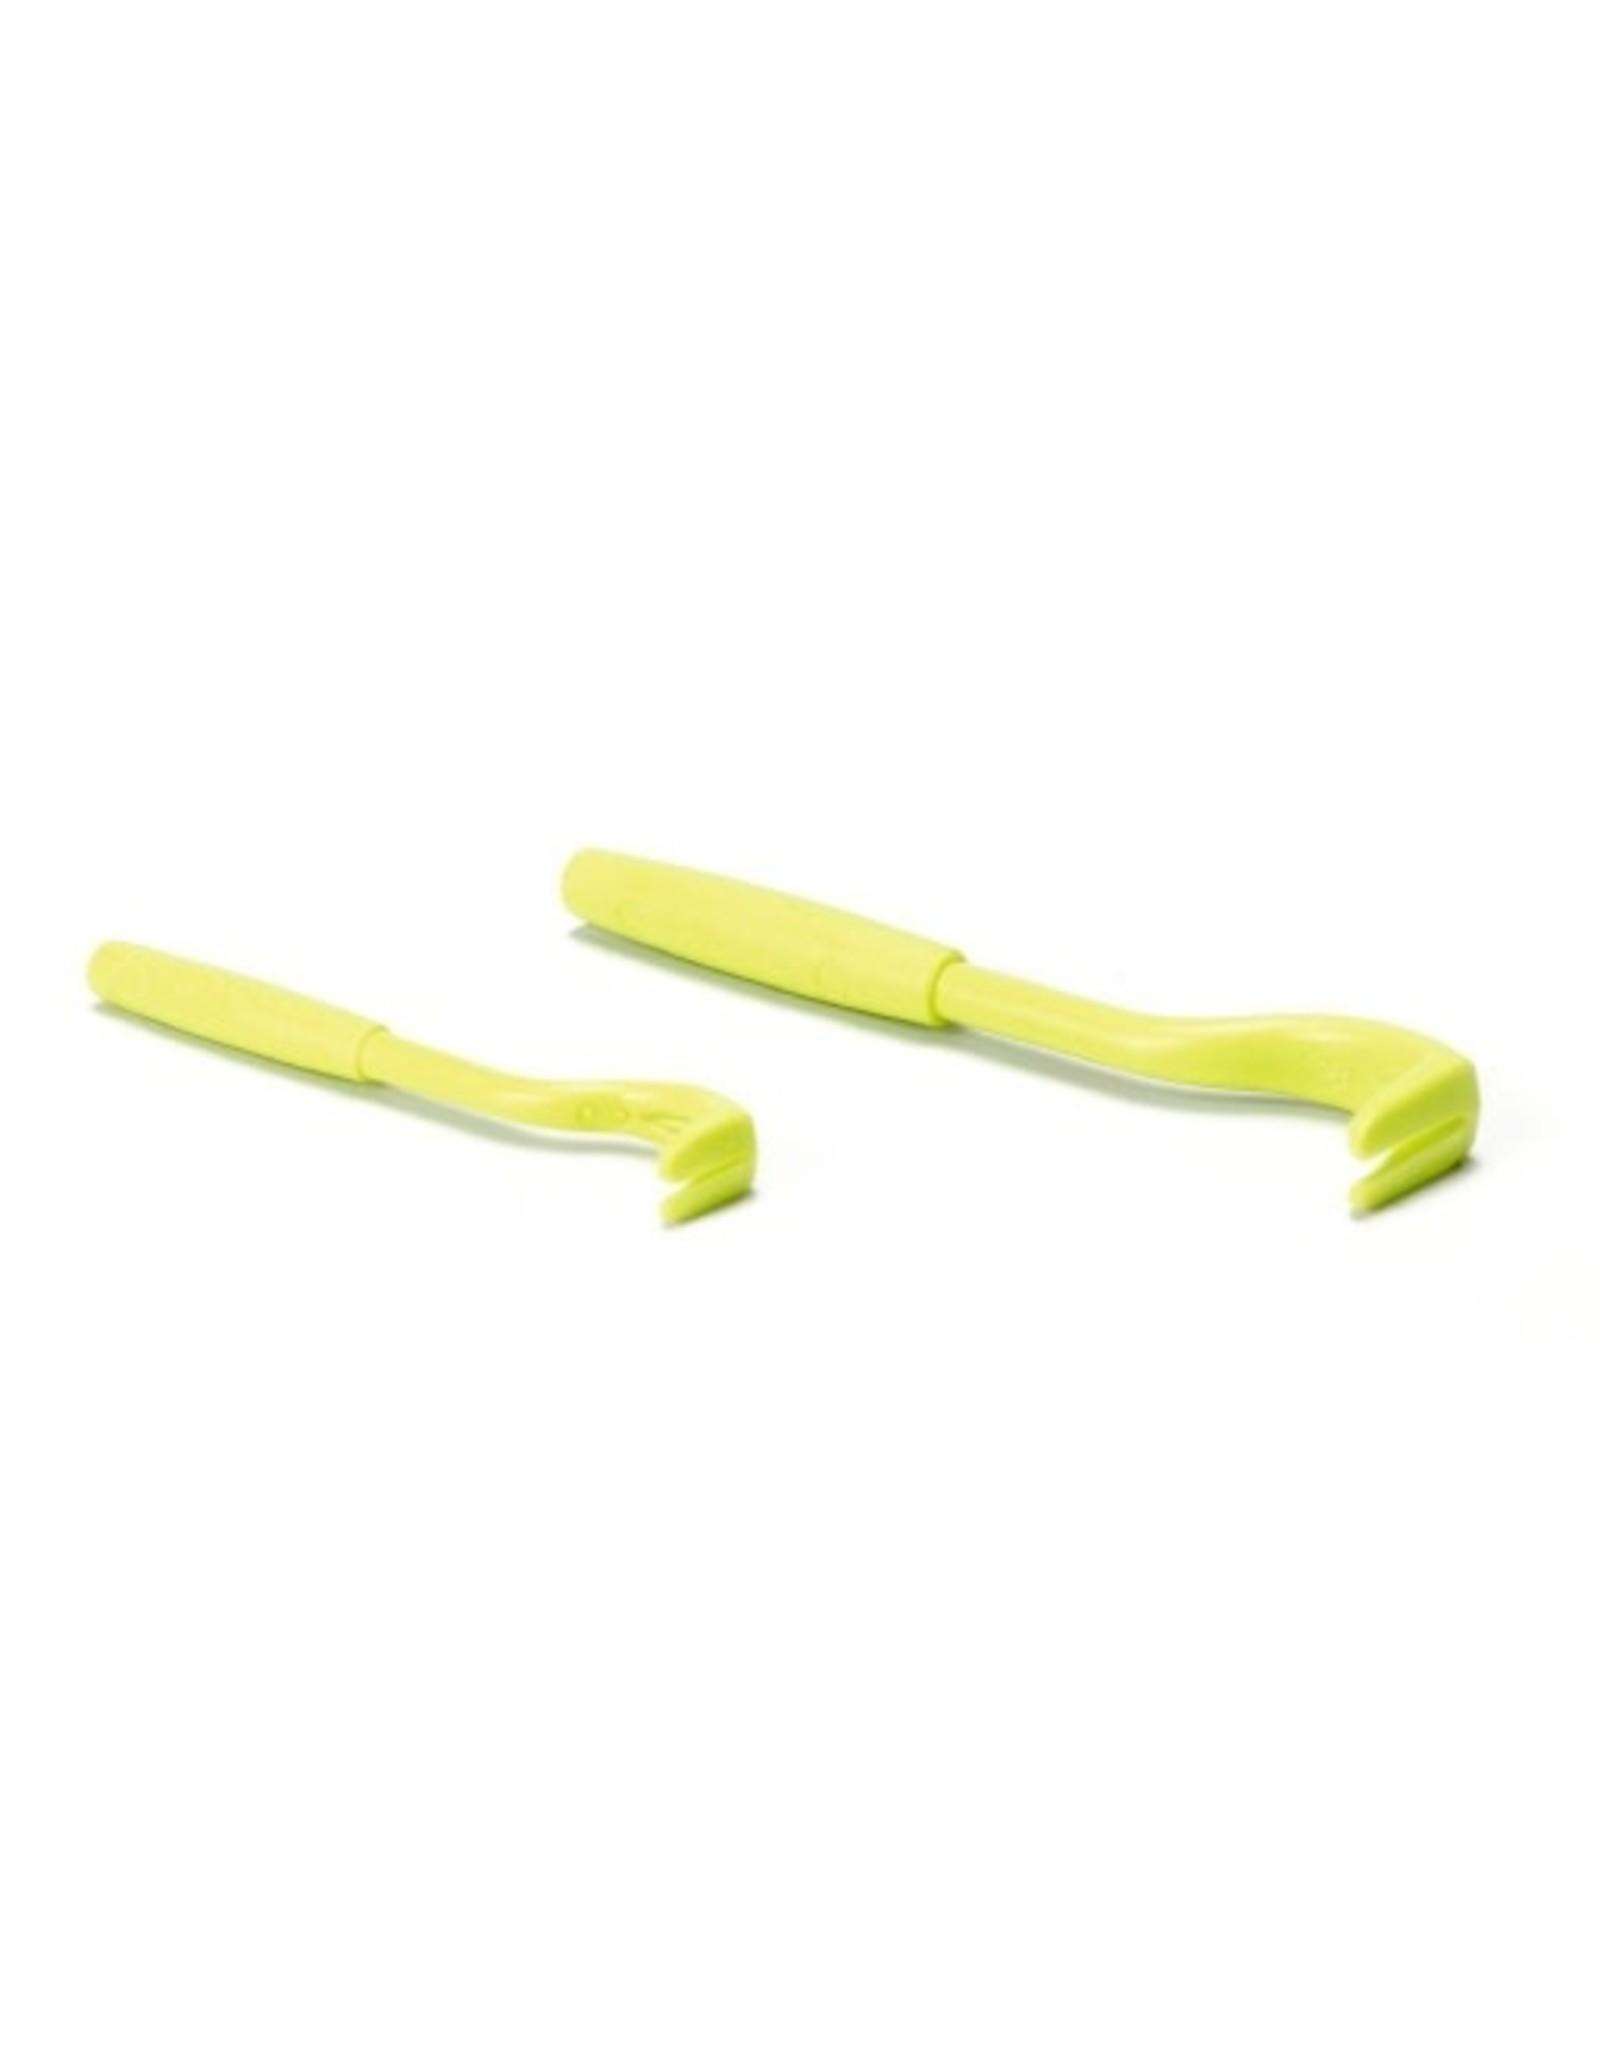 Beeztees Beeztees Plastic Tekenverwijderaar Groen (2 stuks)